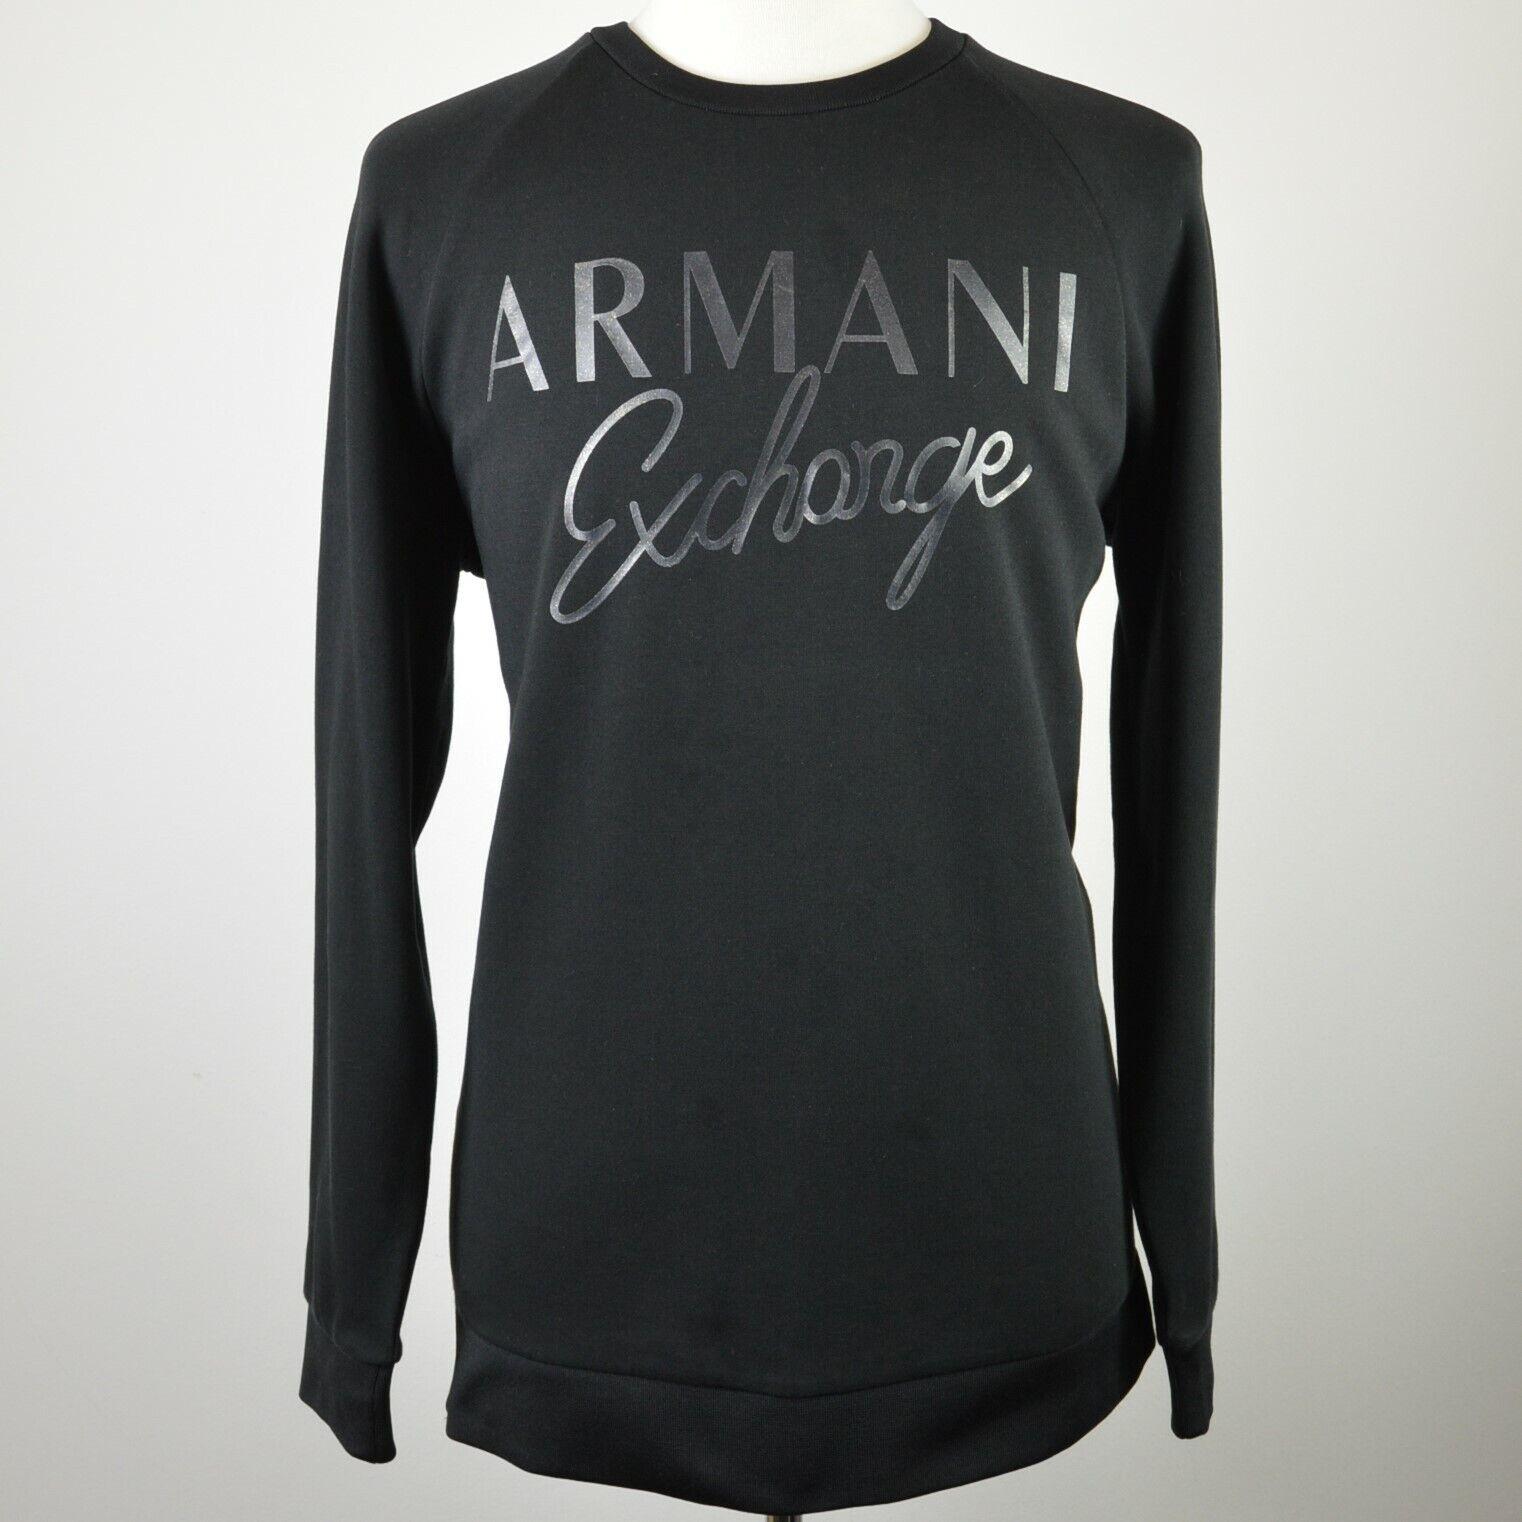 Men's Armani Exchange Black Winter Weight Side Zip Sweatshirt XL RRP